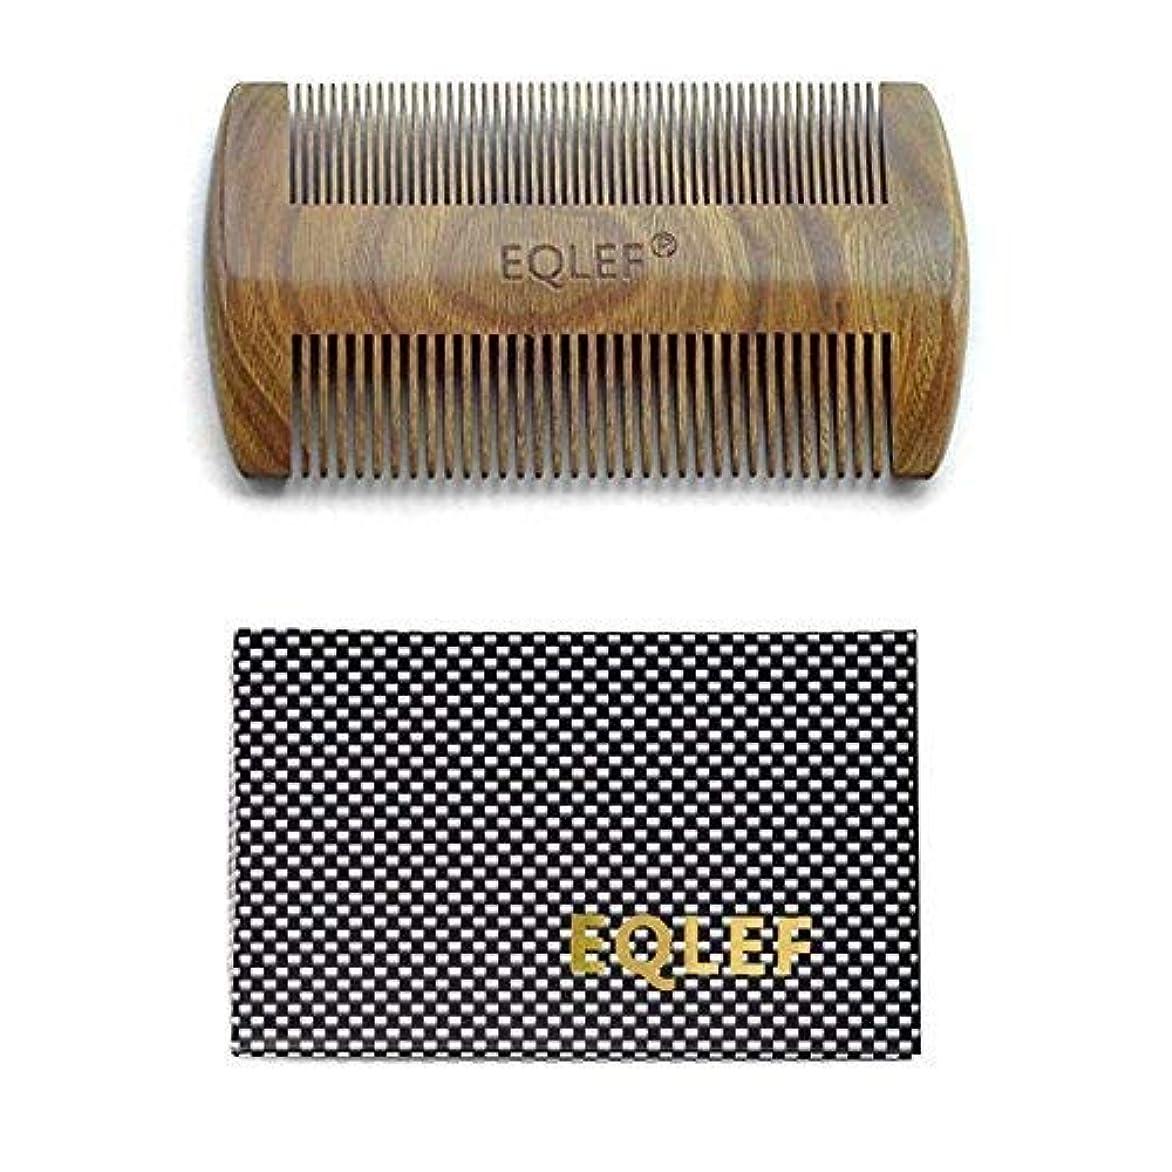 無意識系譜テザーEQLEF? Green sandalwood no static handmade comb,Pocket comb (beard) [並行輸入品]